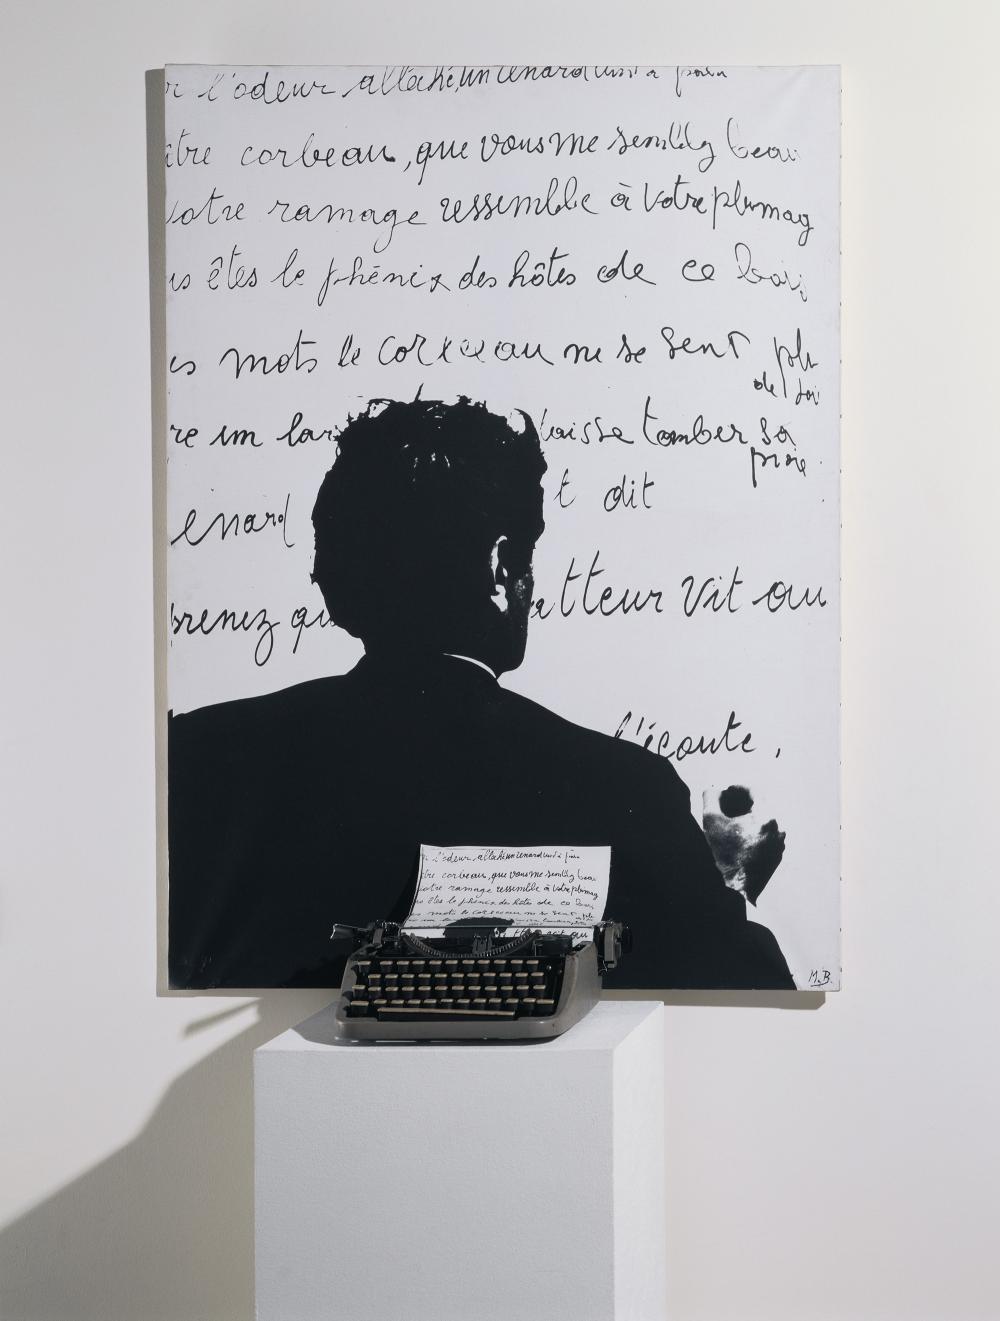 Le corbeau et le renard, 1968© Marcel Broodthaers© Centre Pompidou, MNAM-CCI/Service de la documentation  photographique du MNAM/Dist. RMN-GP© The Estate of Marcel Broodthaers / Adagp, Paris© SABAM Belgium 2018.